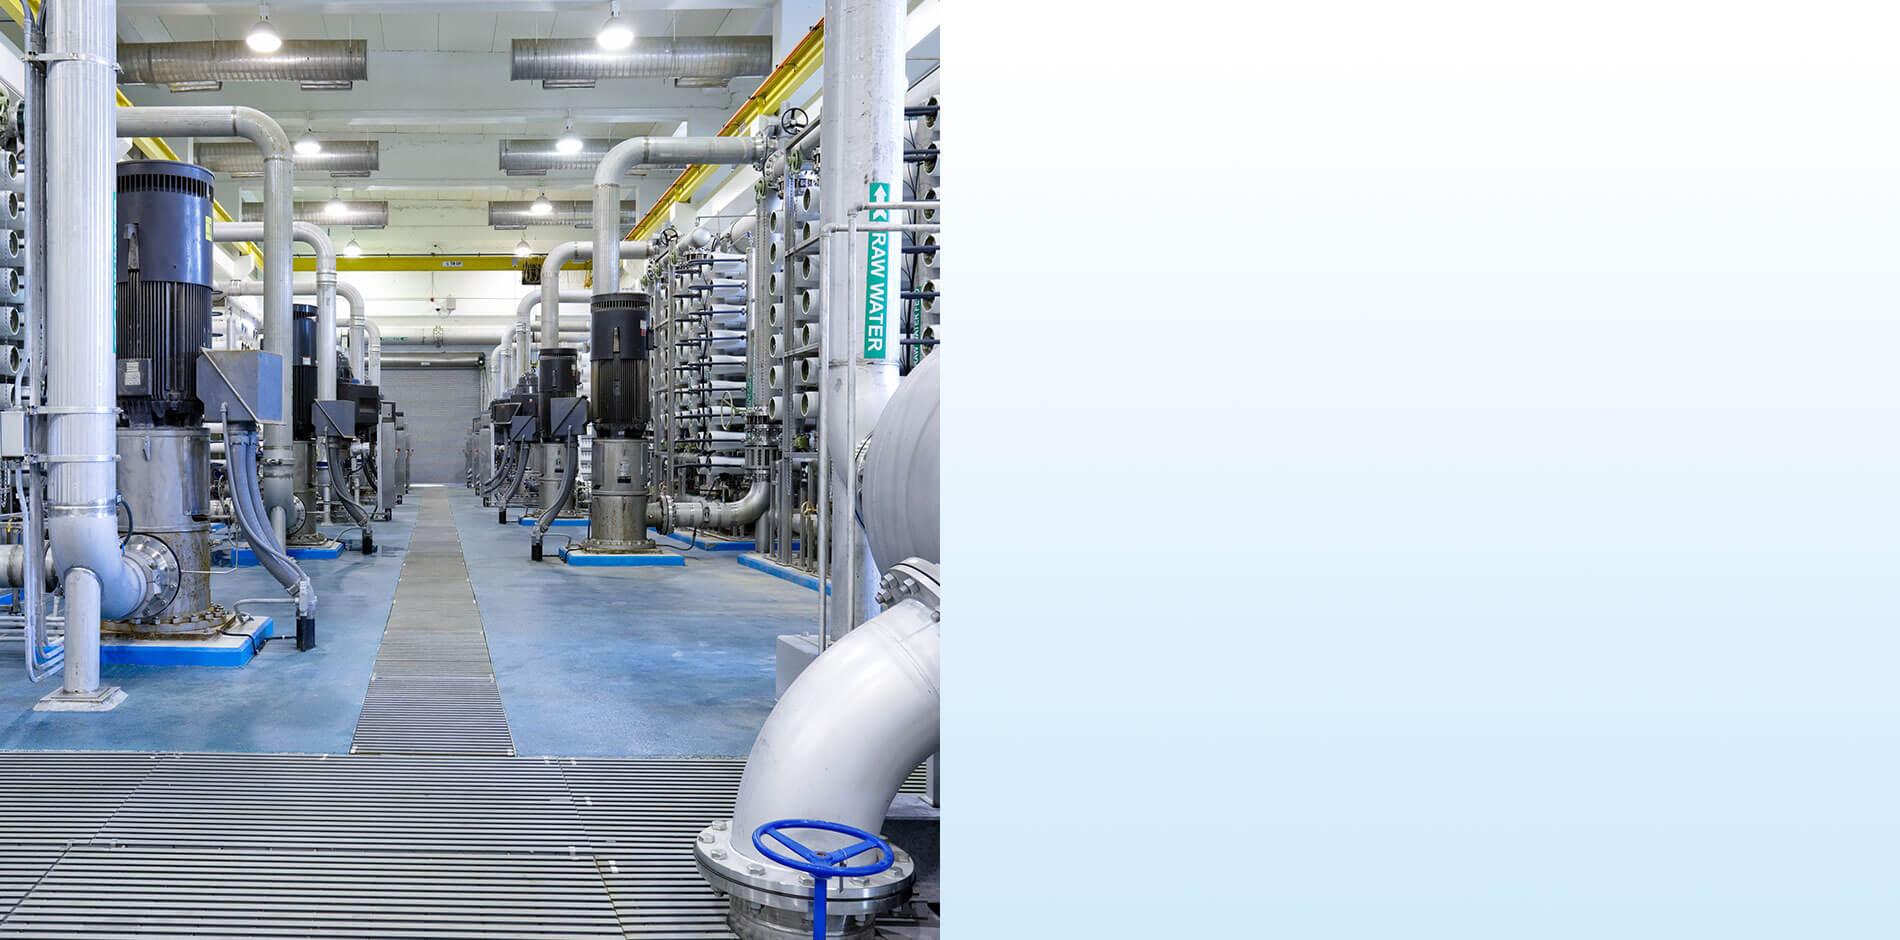 Эффективность использования энергии и воды: Опреснение морской воды